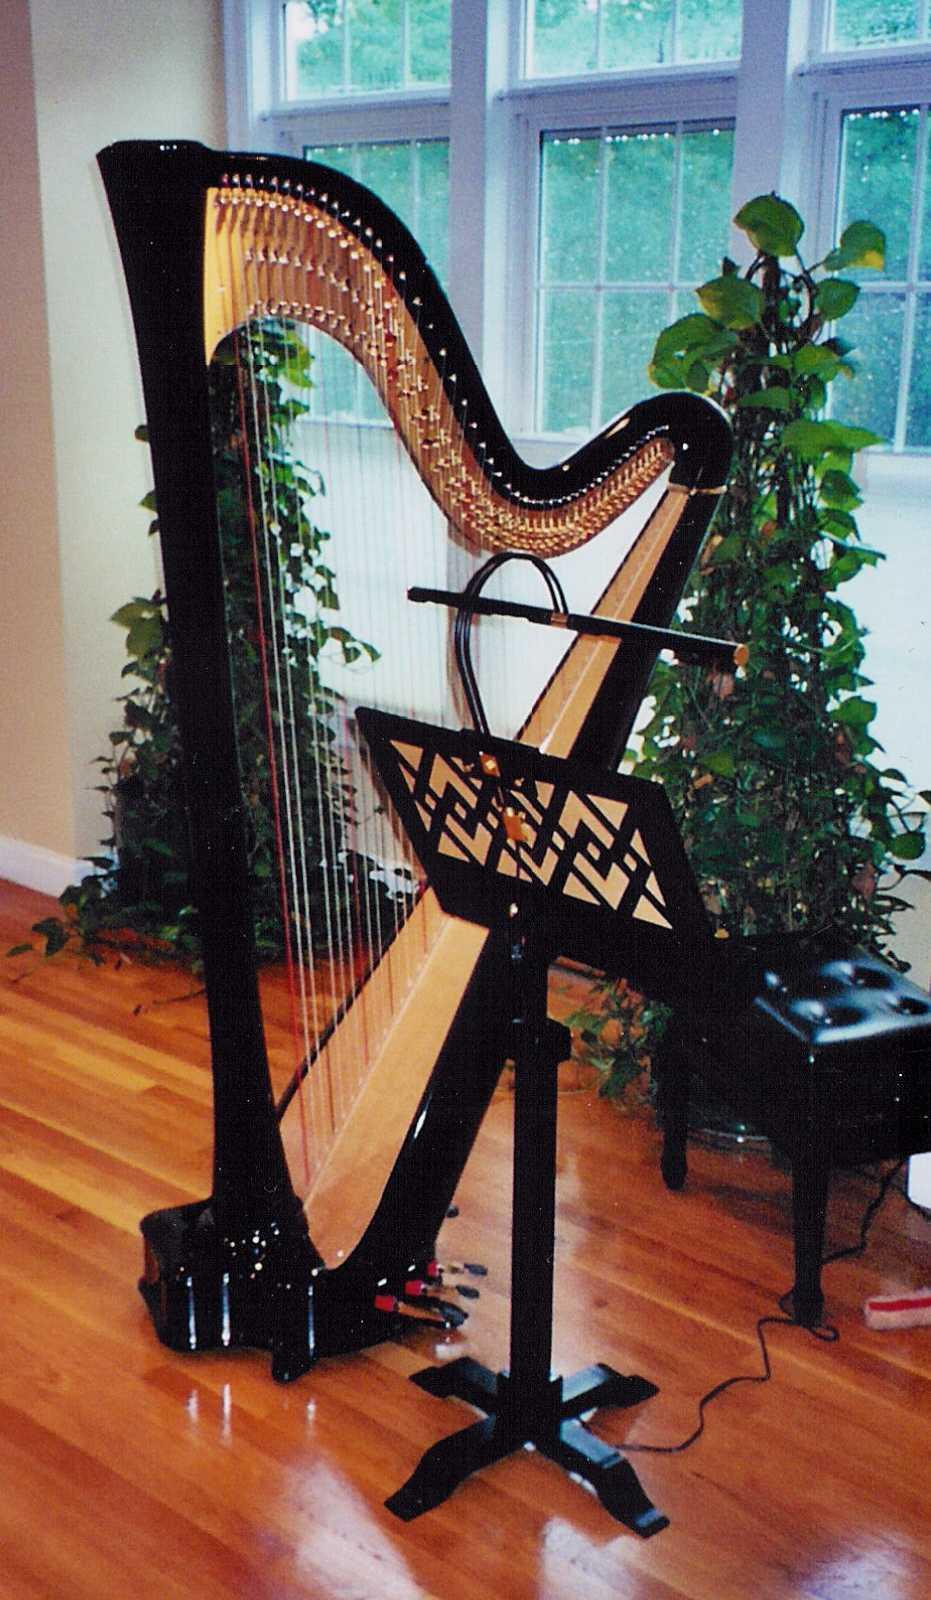 Harp Music Stand Folk Harp Stands Harp Folk Harp And Pedal Harp Benches Wood Music Stand Pedal Harp Music Stands Mister Standman Music Stands